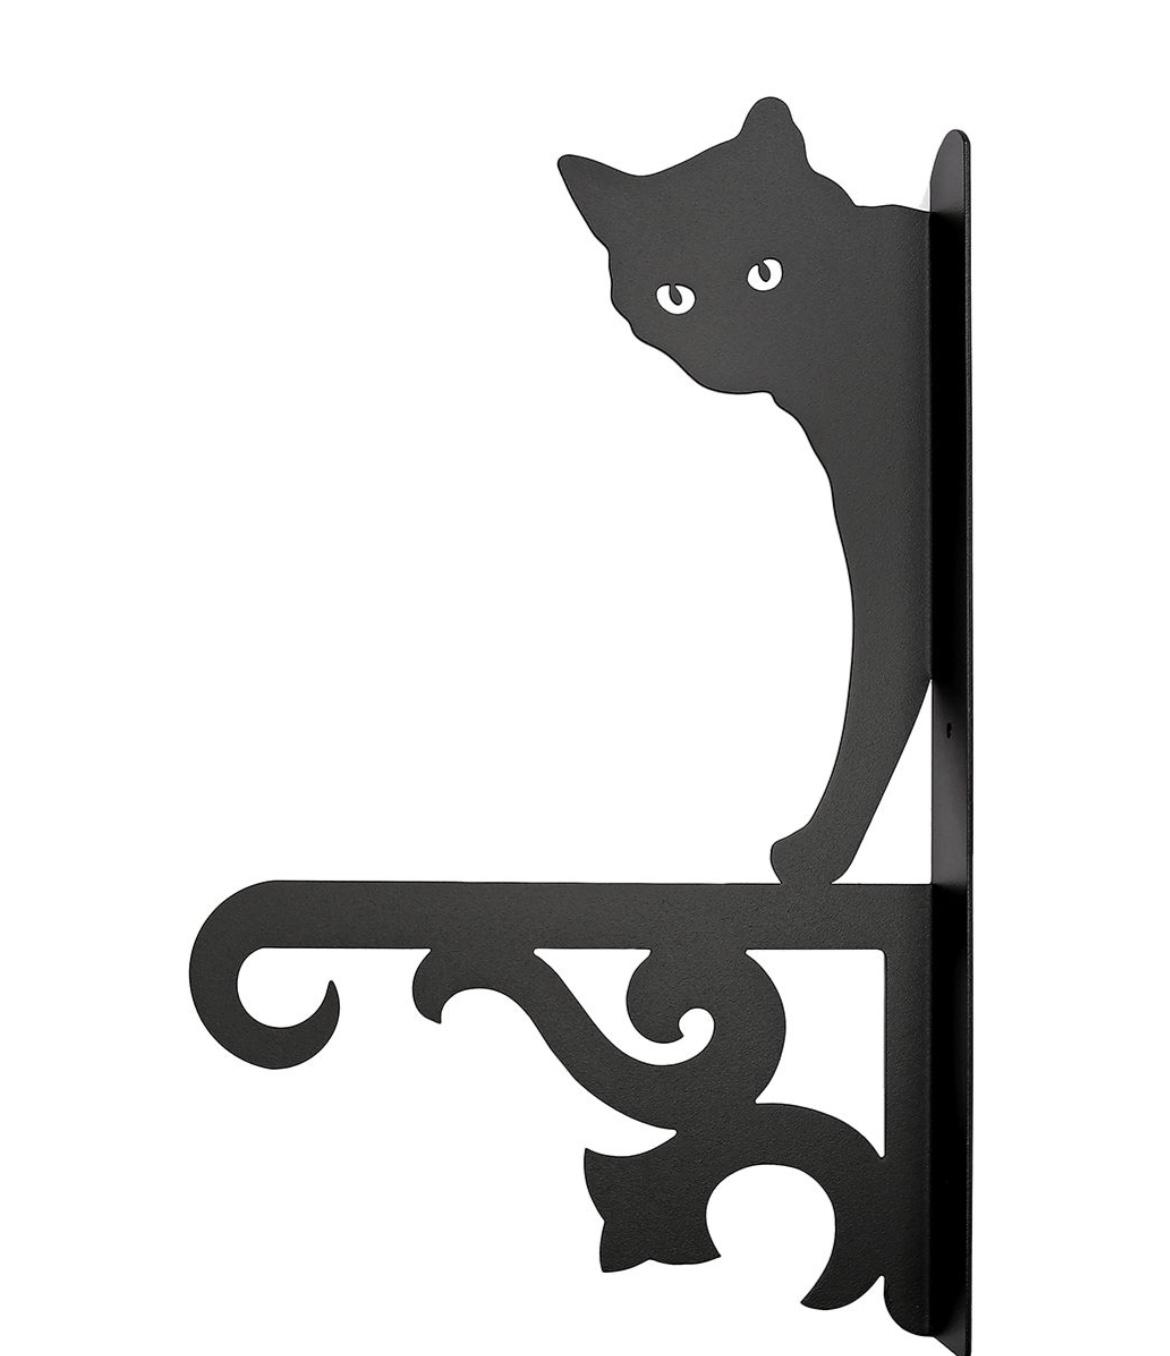 Кронштейн для кашпо WOODHORSE Кронштейн для кашпо и фонаря «Кот» , 10009, черный green garden кашпо teak s